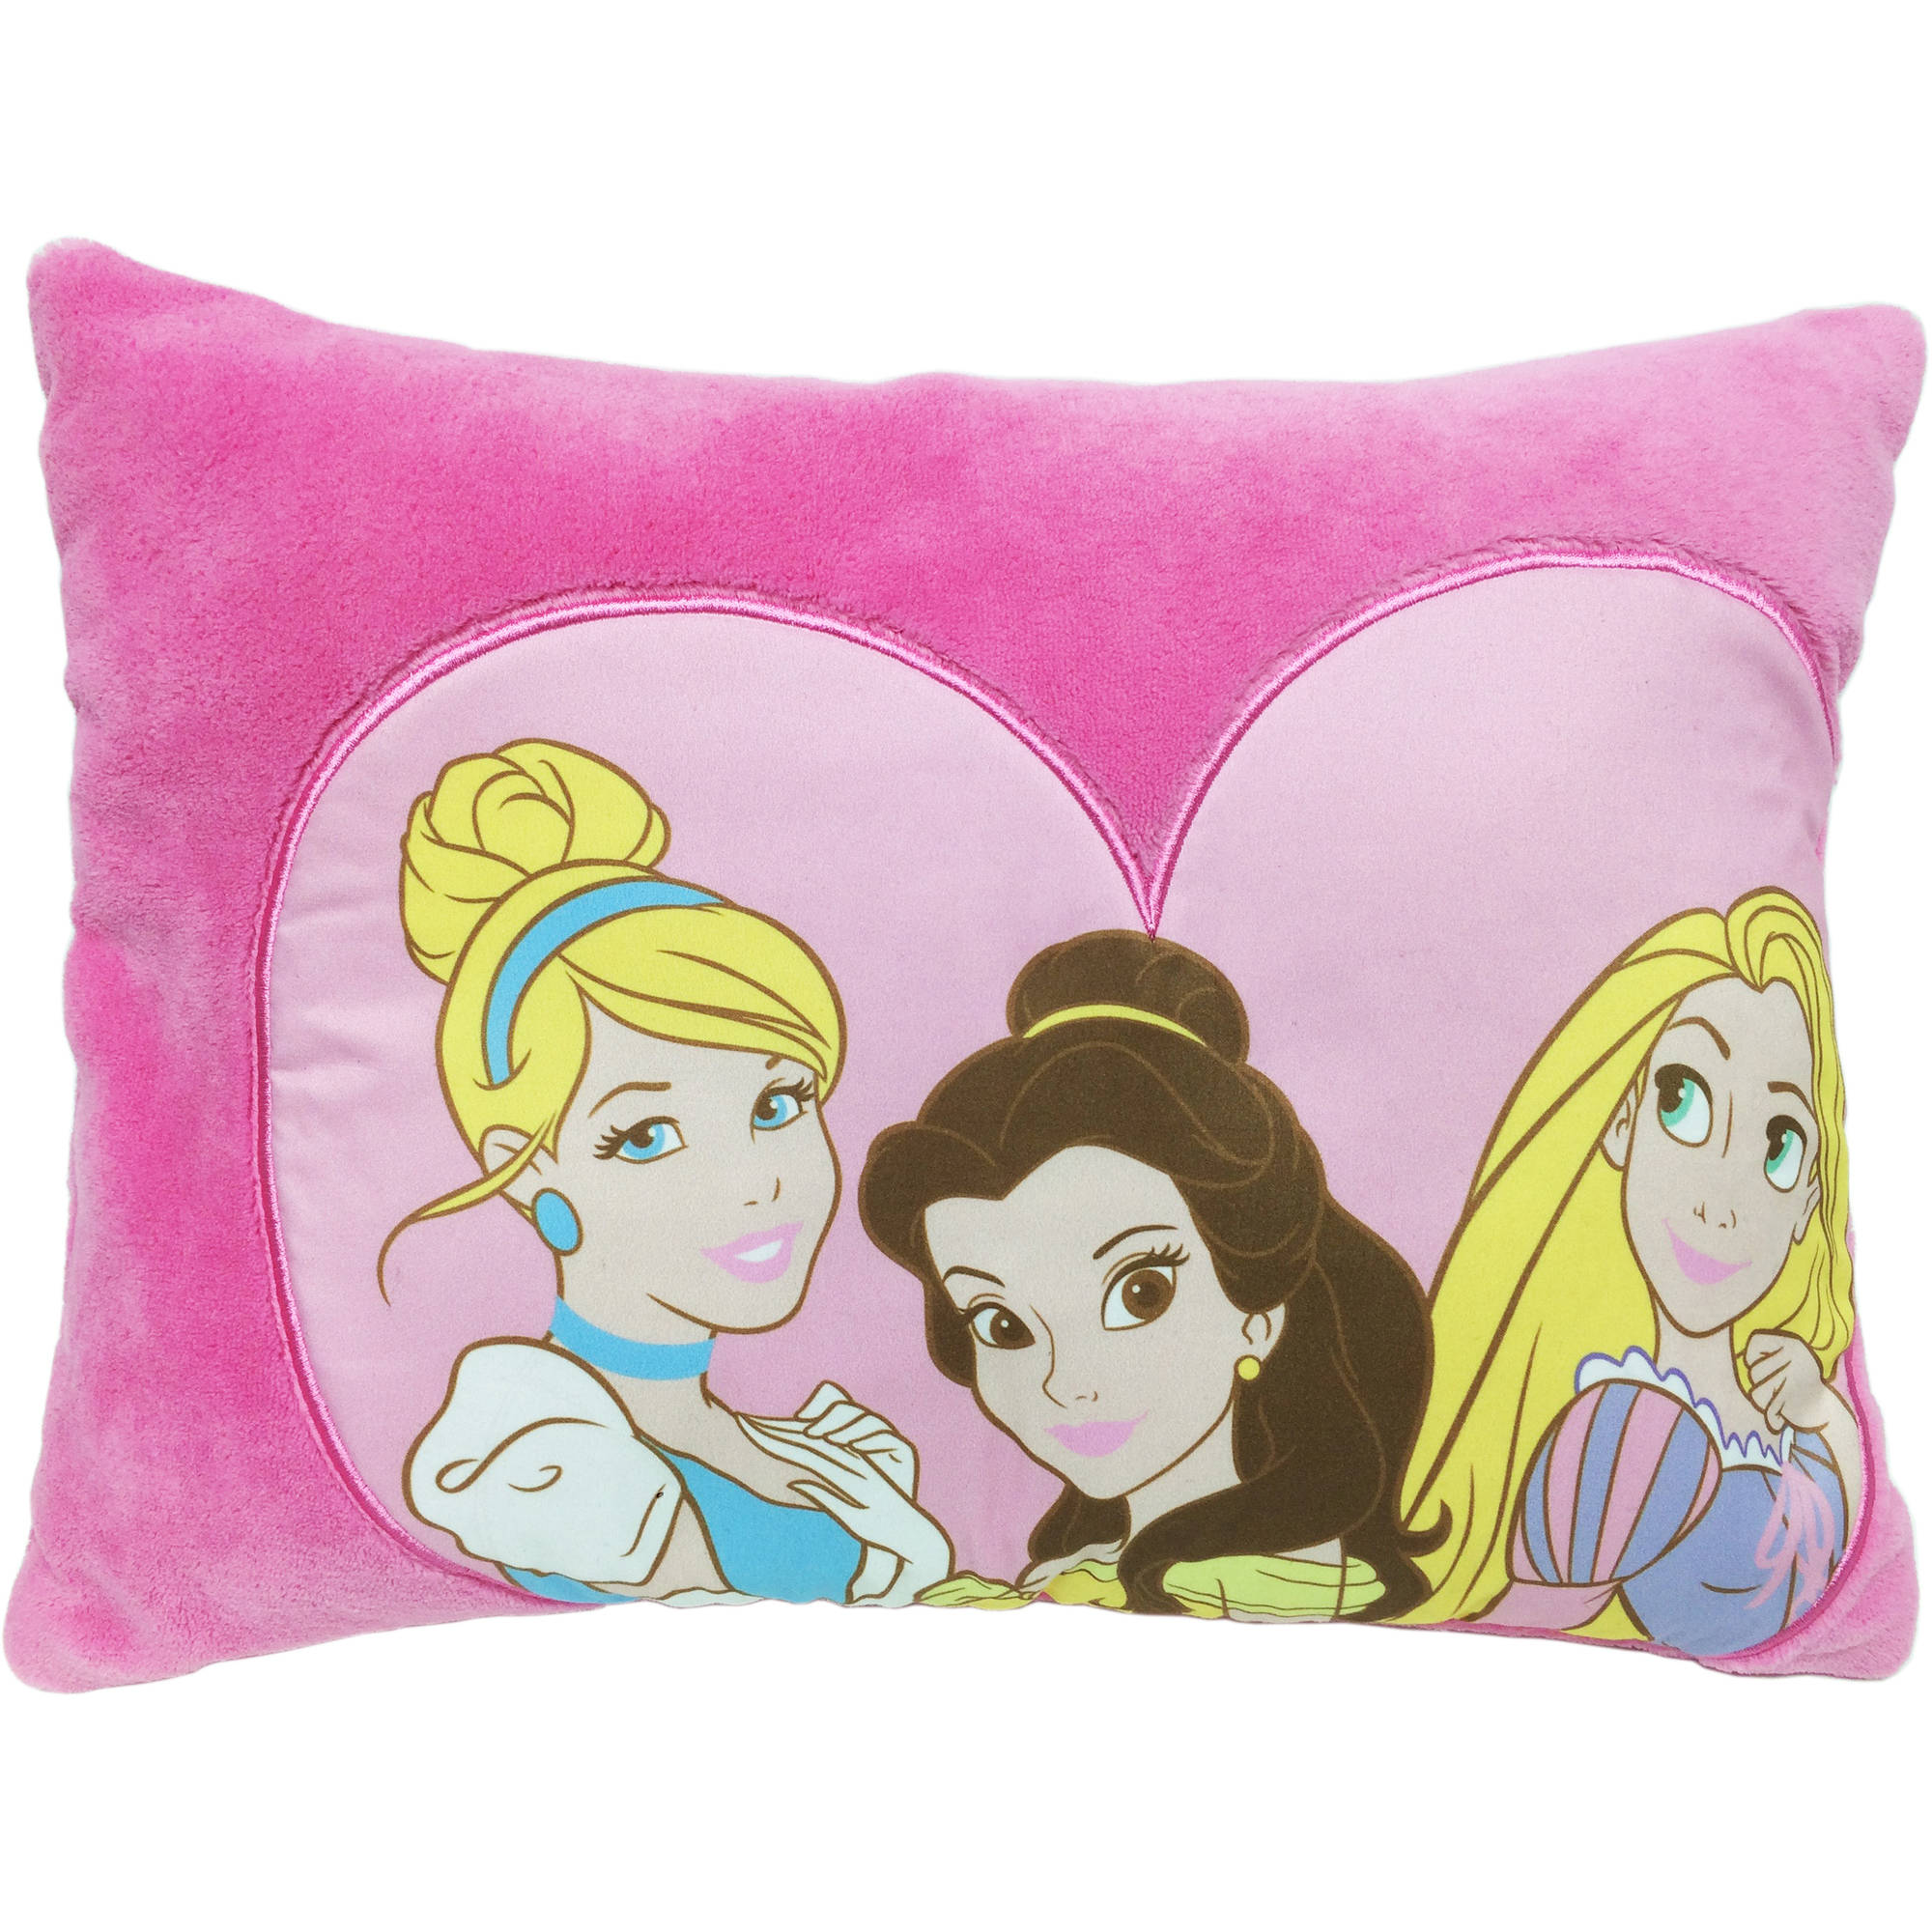 Disney Princess Decorative Pillow